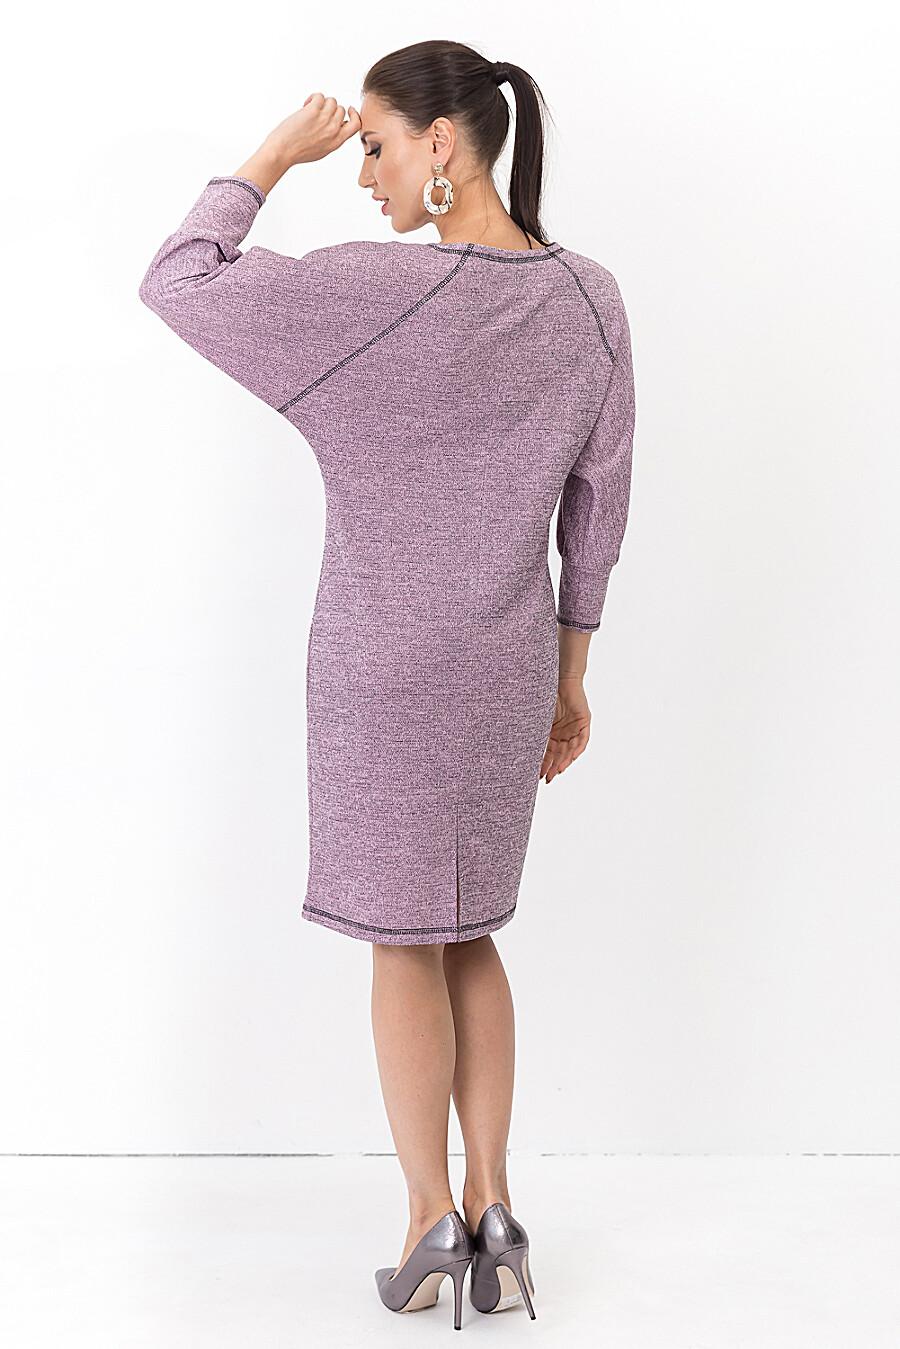 Платье LADY TAIGA (176055), купить в Moyo.moda